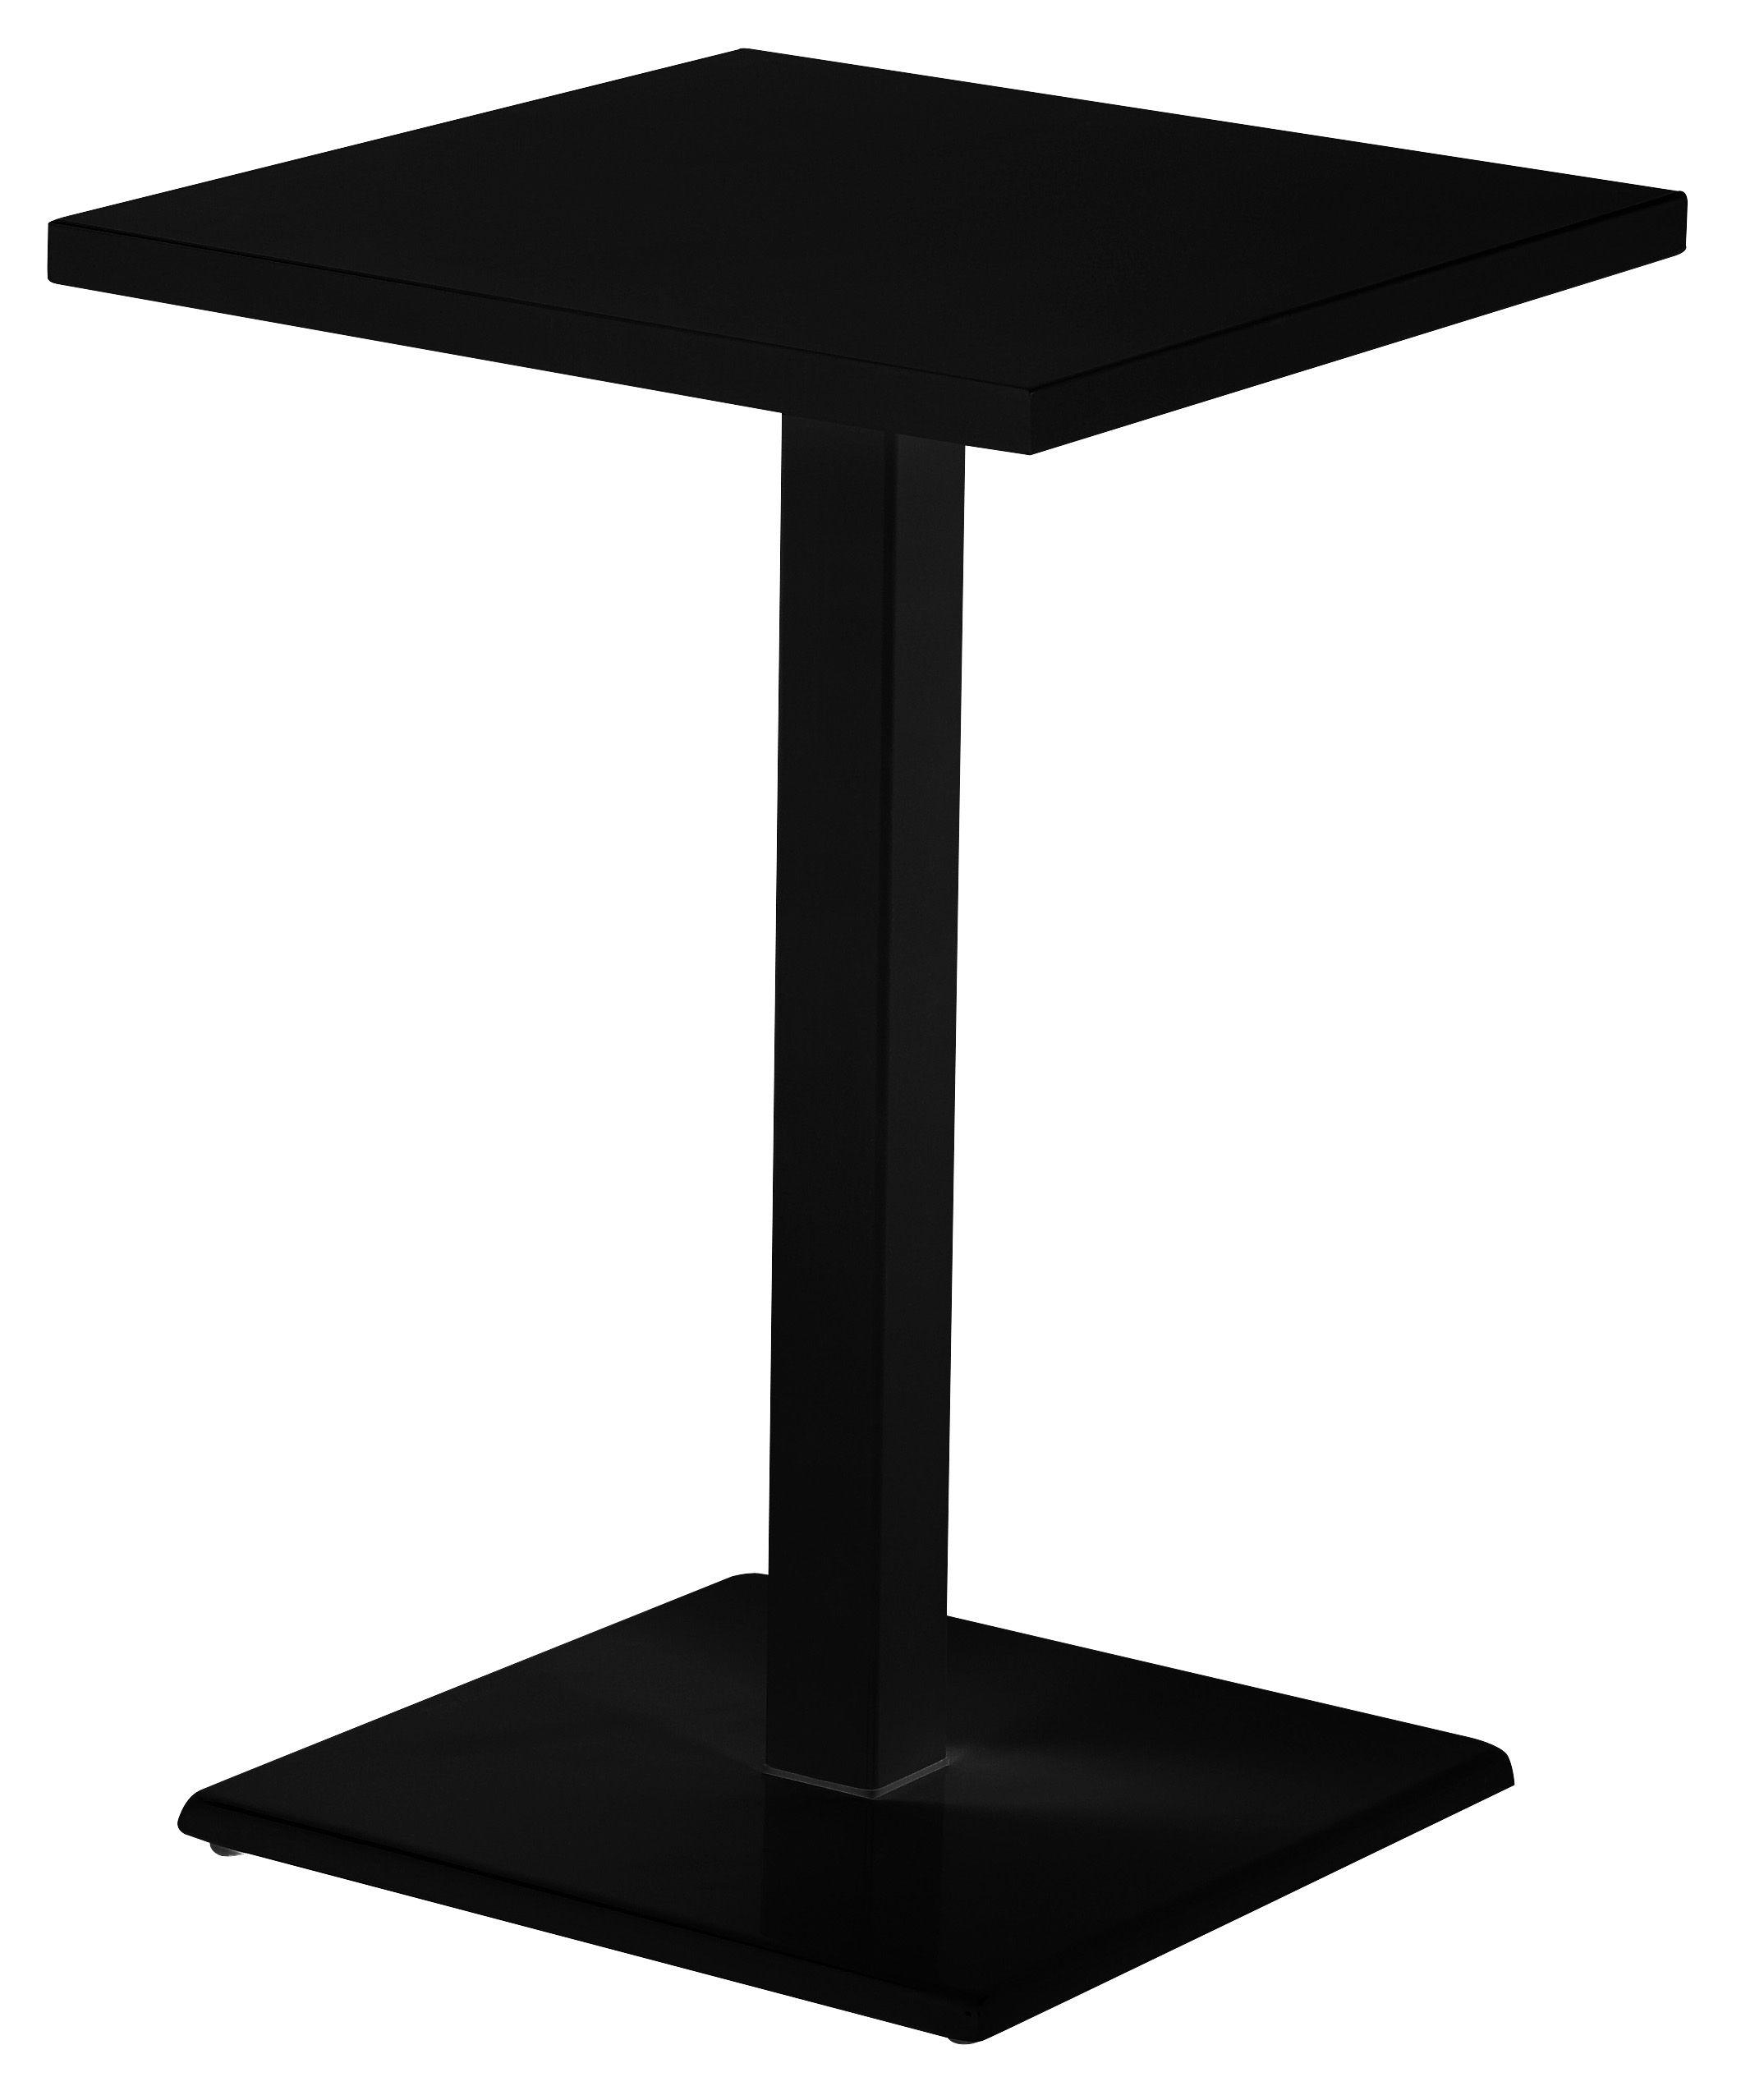 Möbel - Stehtische und Bars - Round Stehtisch - Emu - Schwarz - Stahl